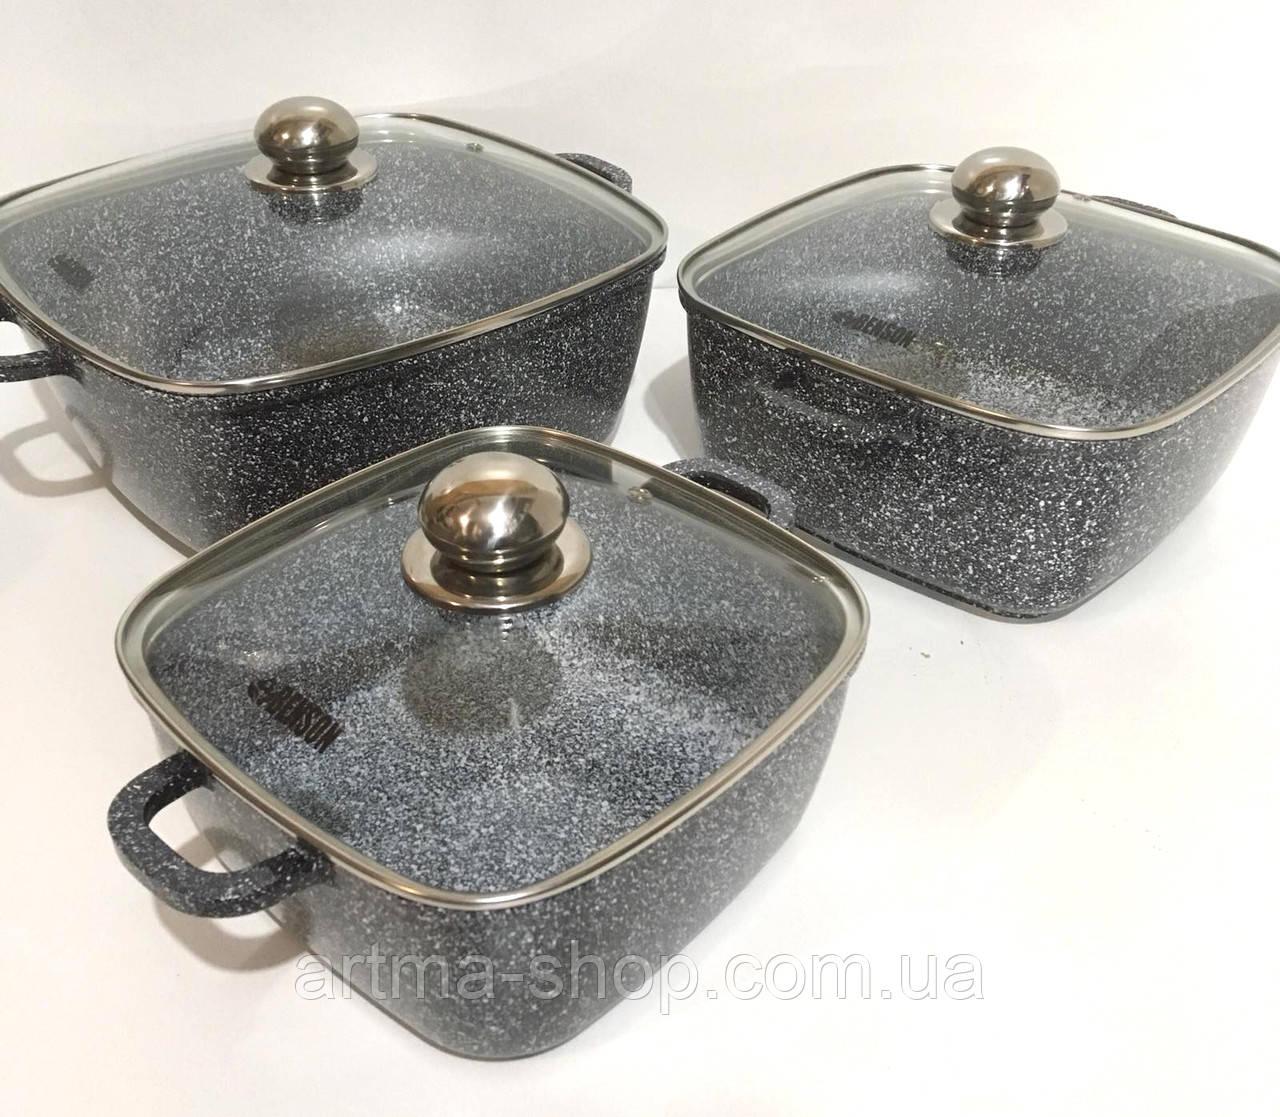 Набор посуды с мраморным покрытие, прямоугольной формы Benson BN-331 Стеклянные крышки, 6 предметов